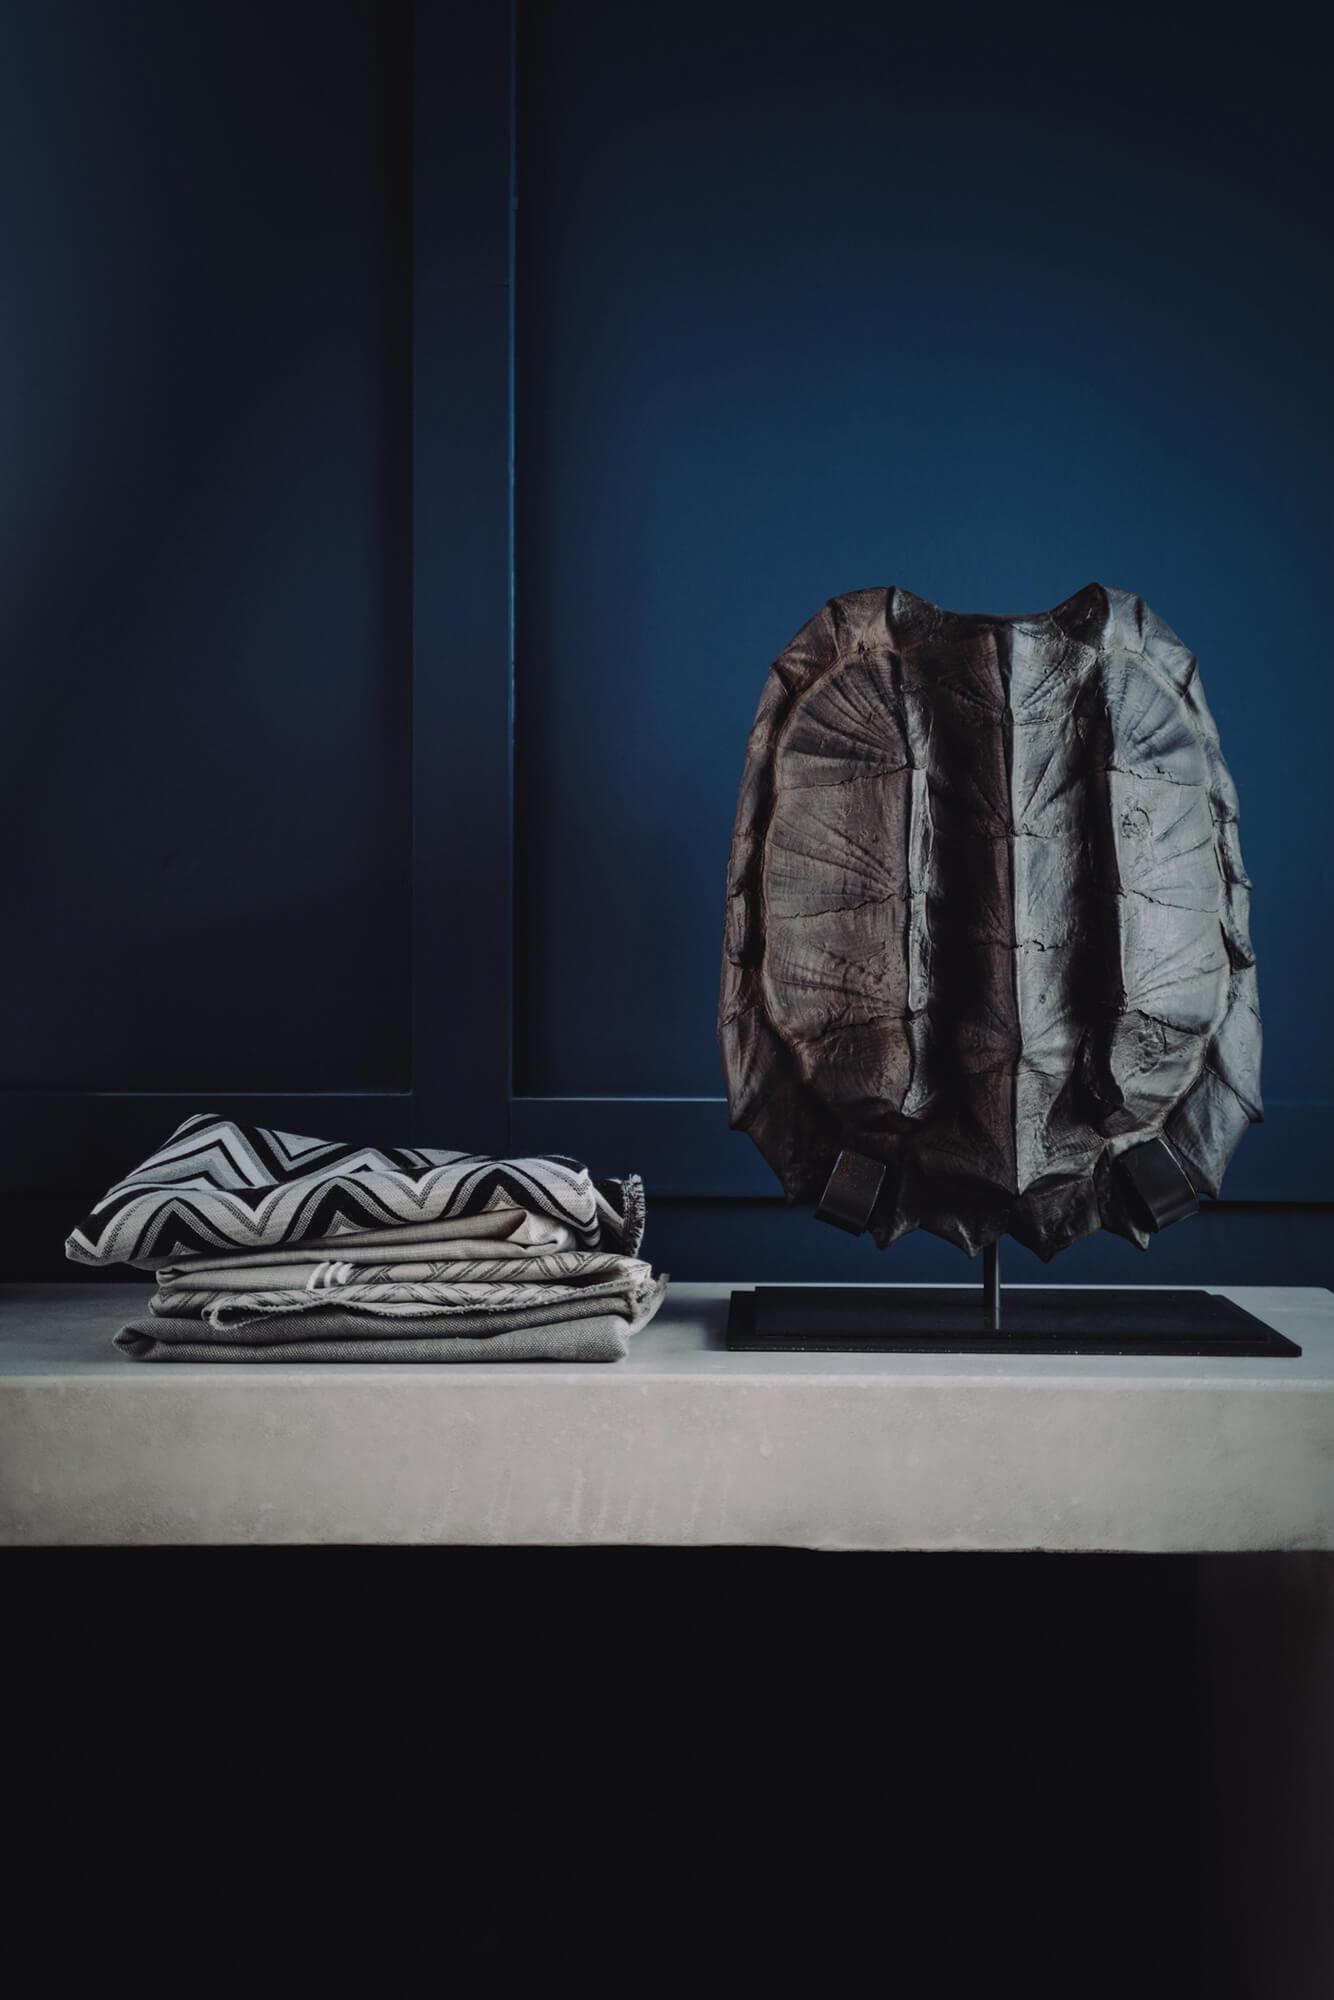 กองผ้าในโทนสีขาวและดำกองอยู่ข้างชิ้นงานศิลปะ